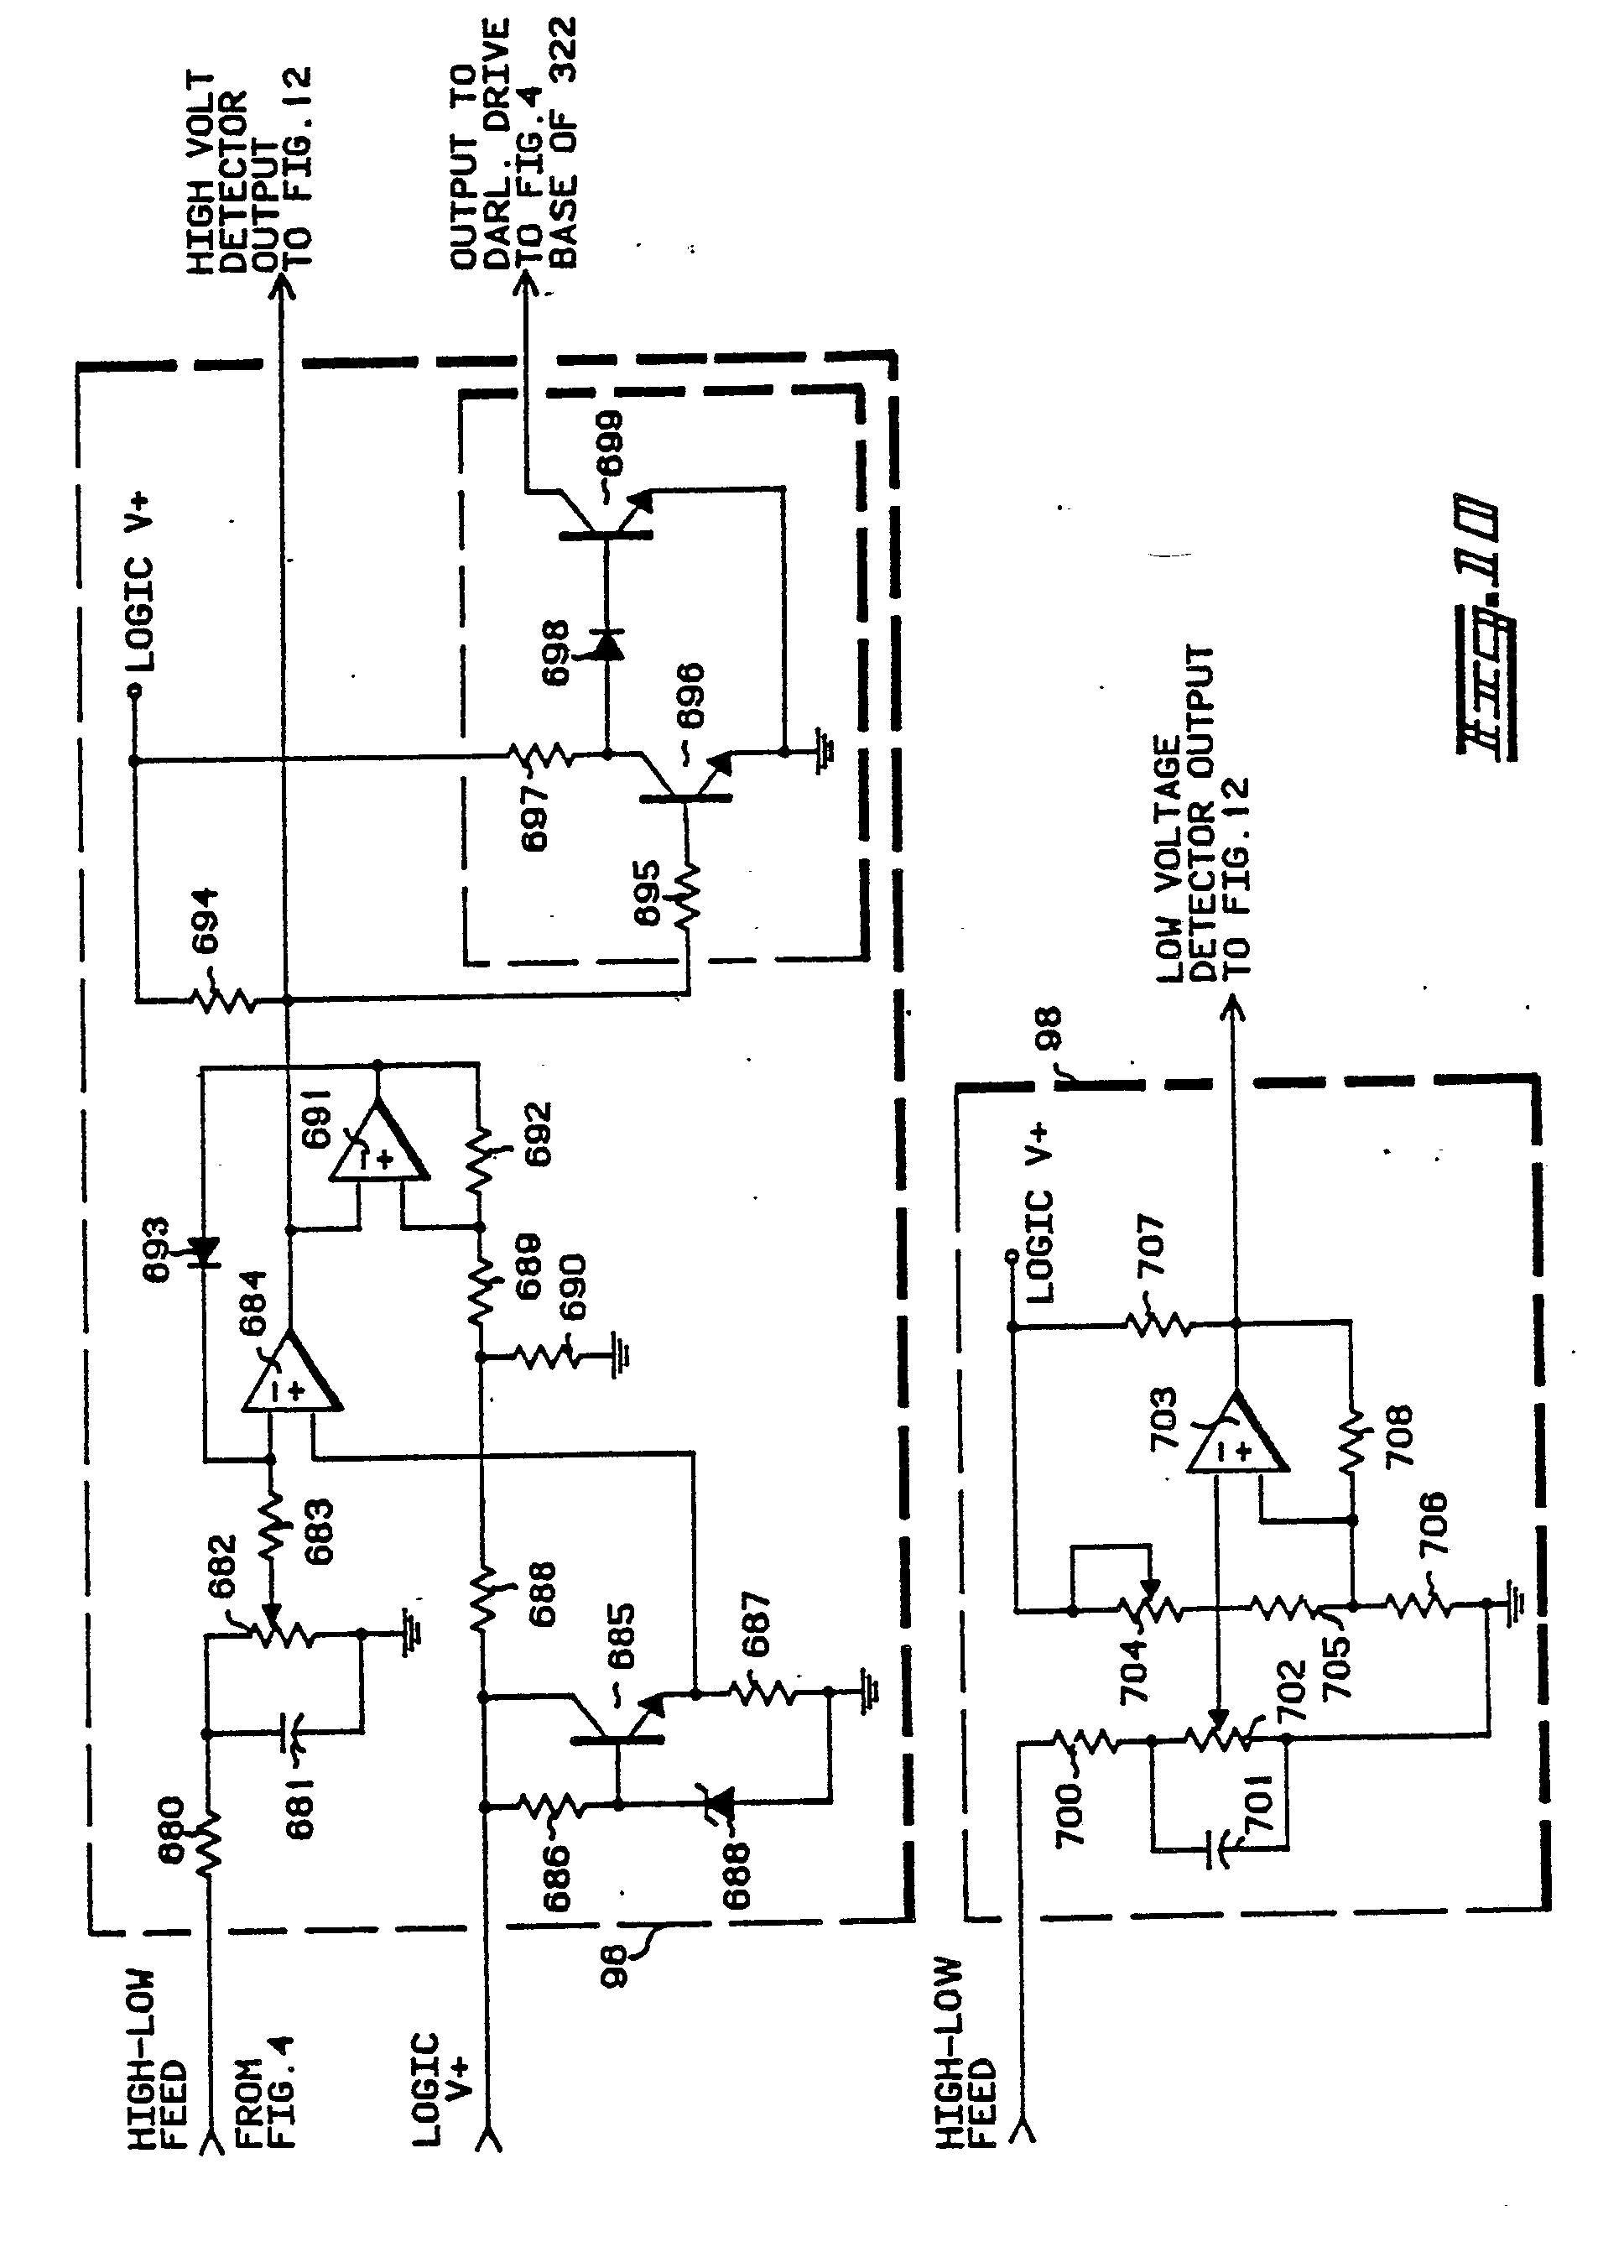 Motorola Alternator Wiring Diagram 764a,Alternator